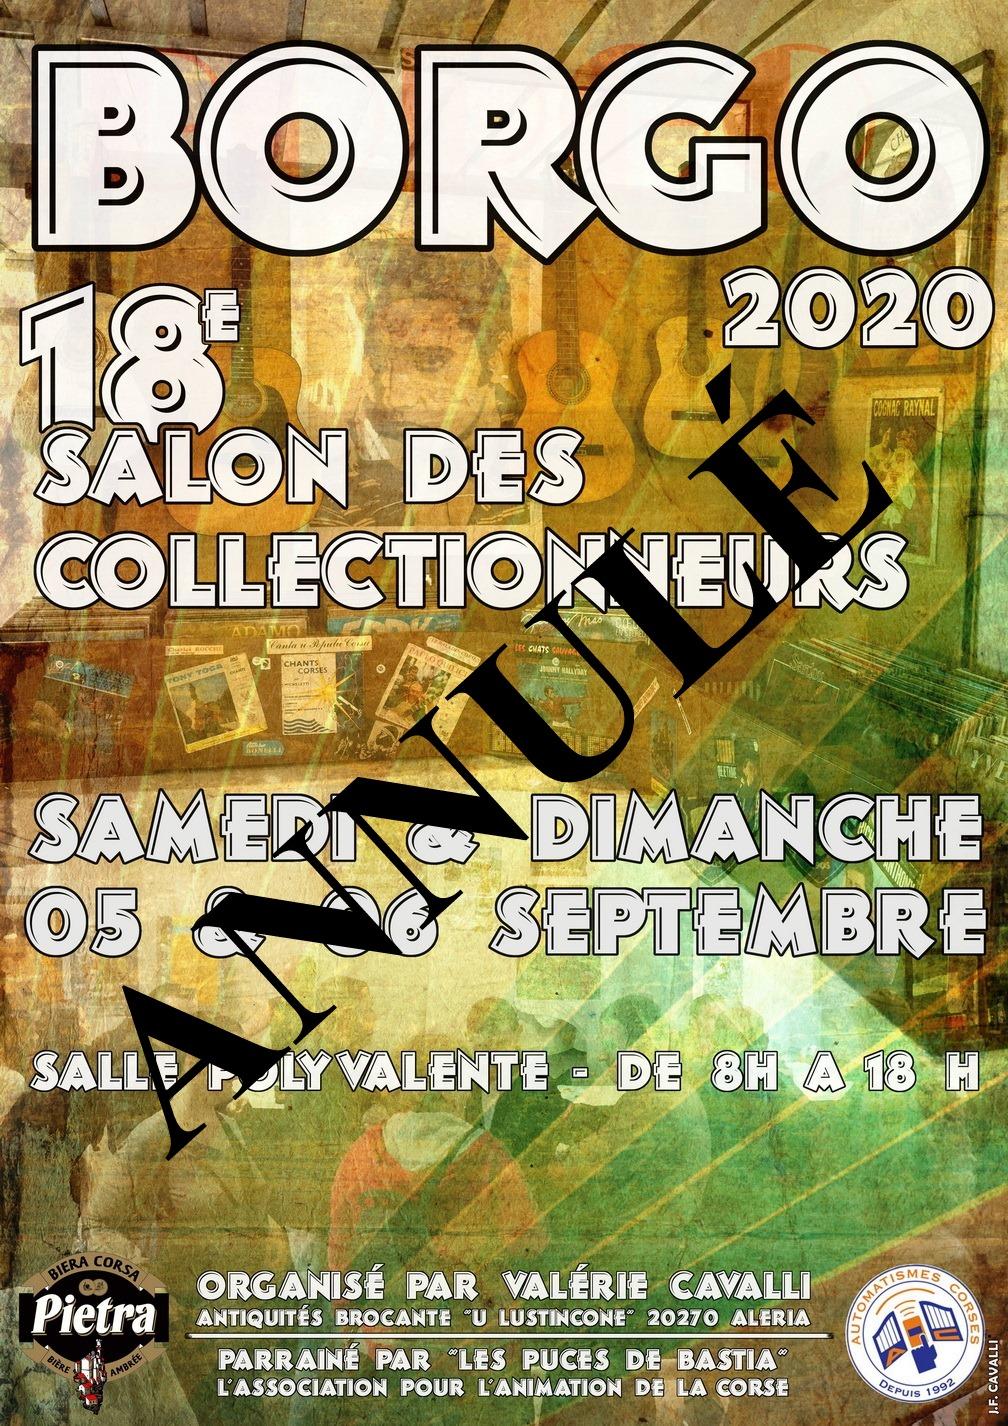 Covid-19 : le Salon des collectionneurs de Borgo annulé